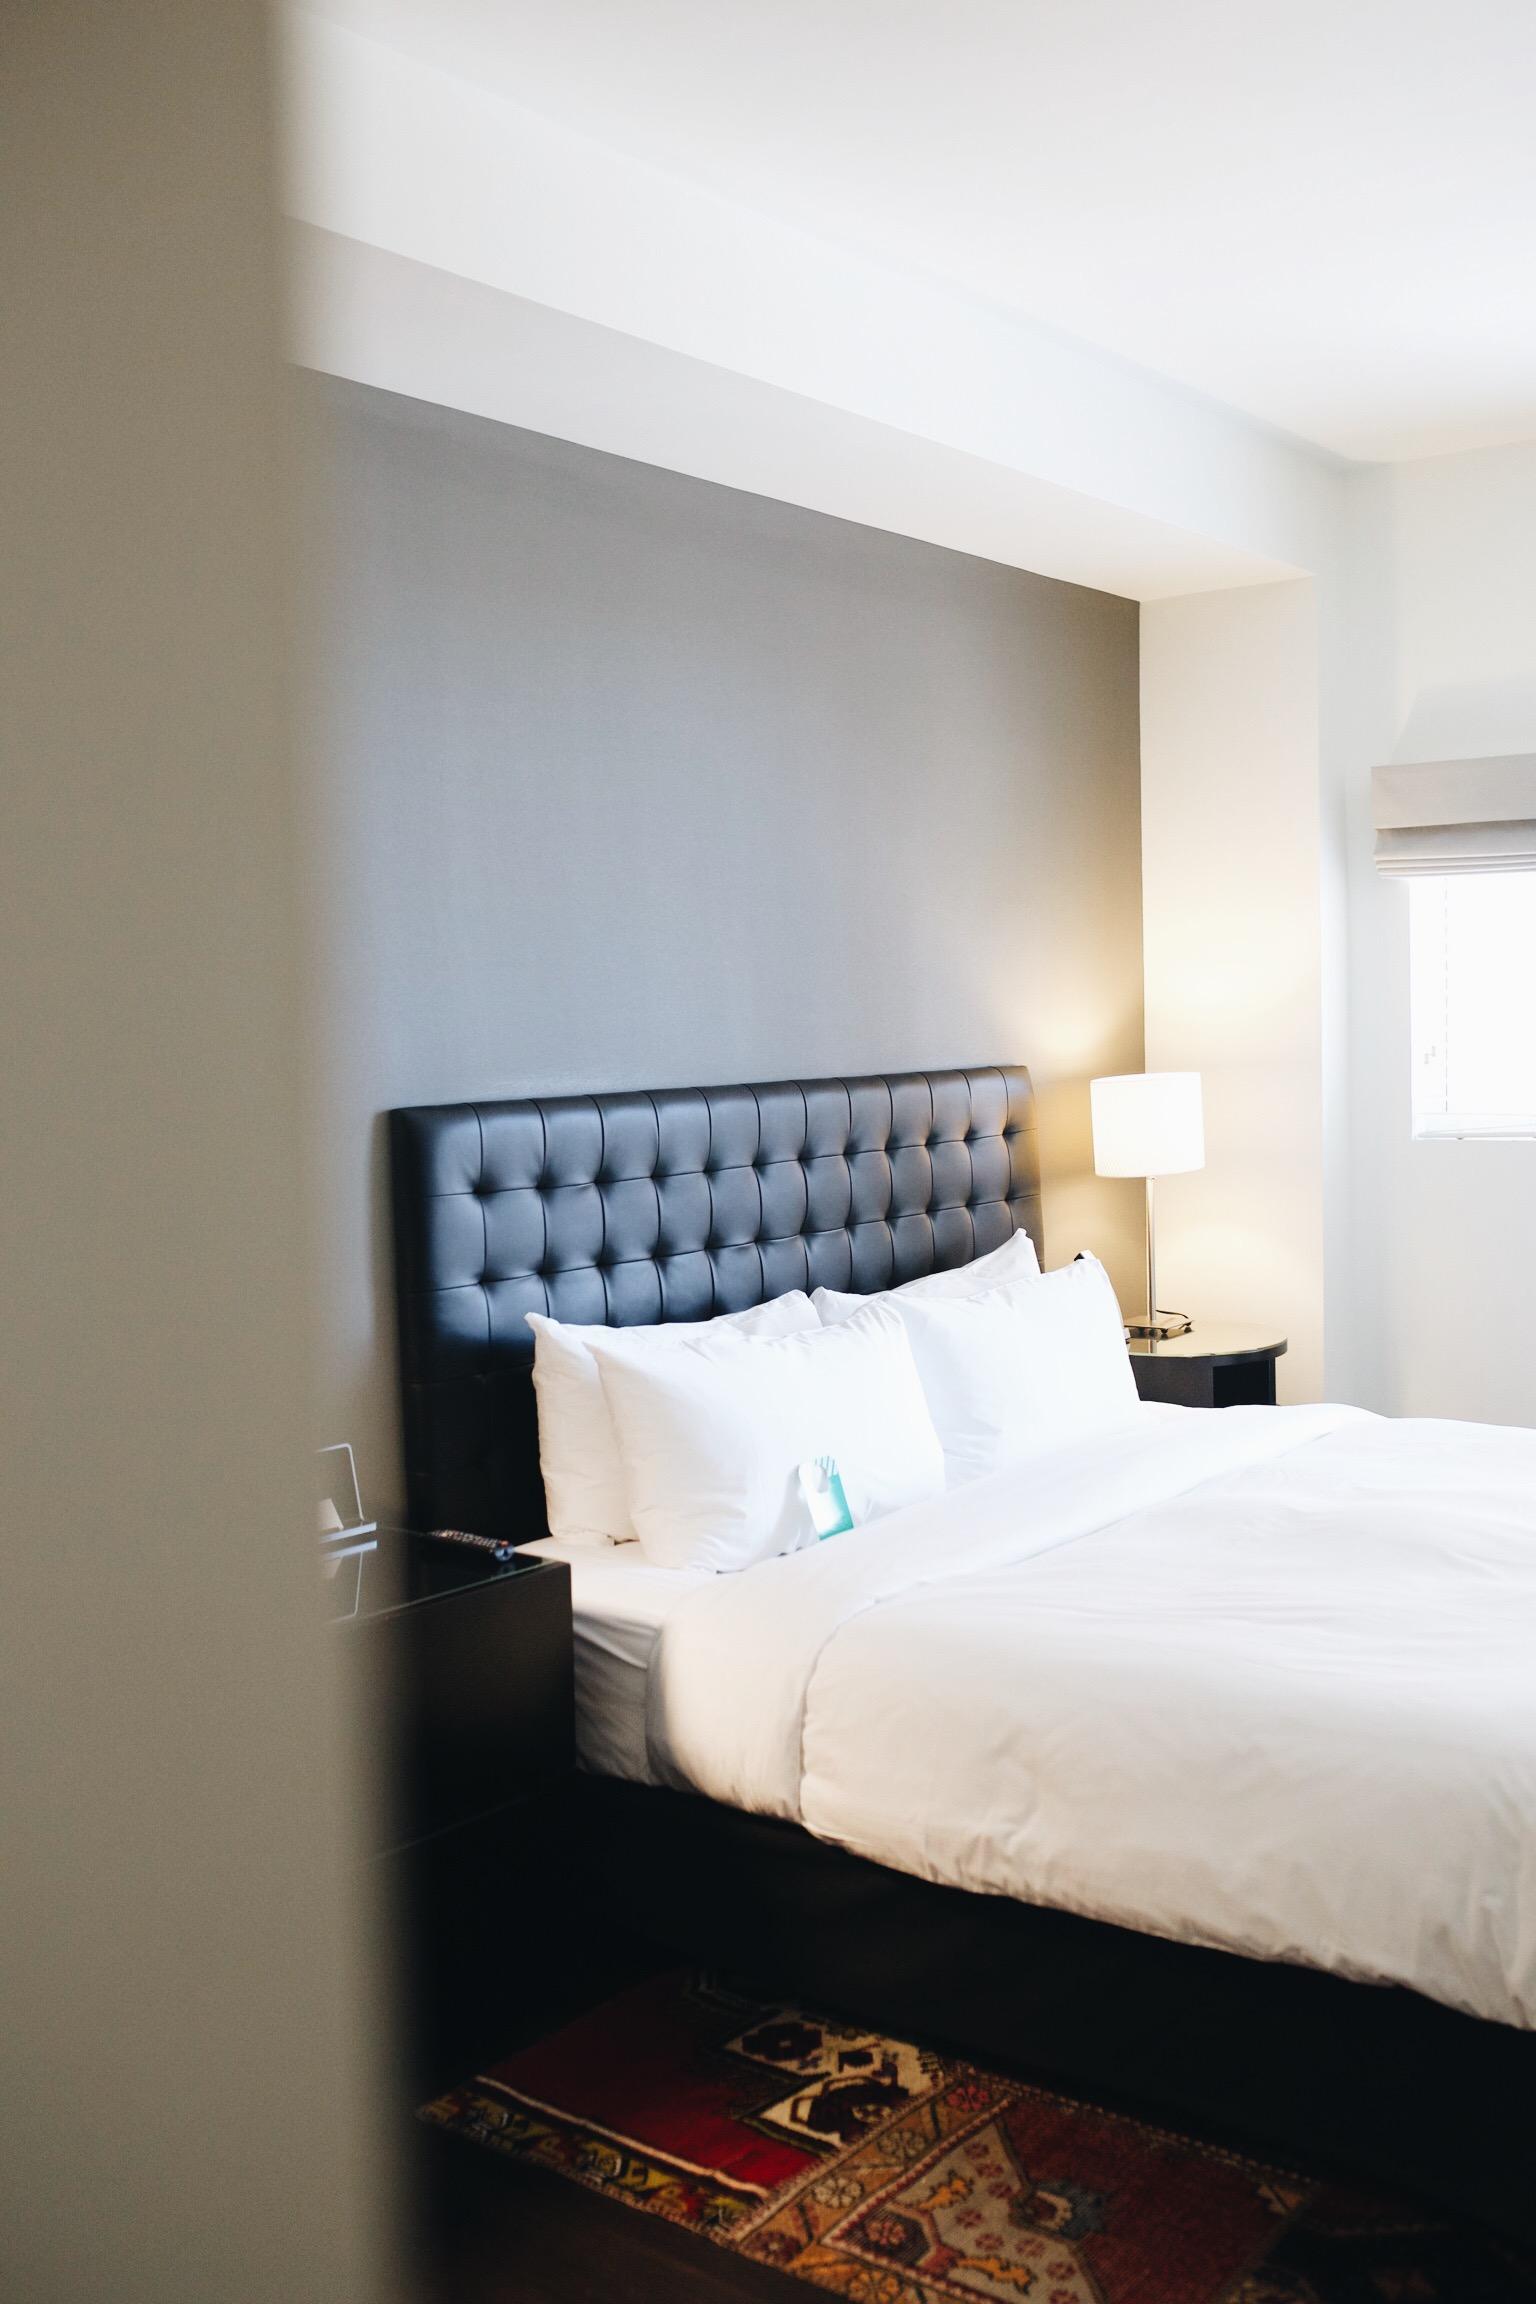 hotel-zetta-sf-ou-dormir.JPG